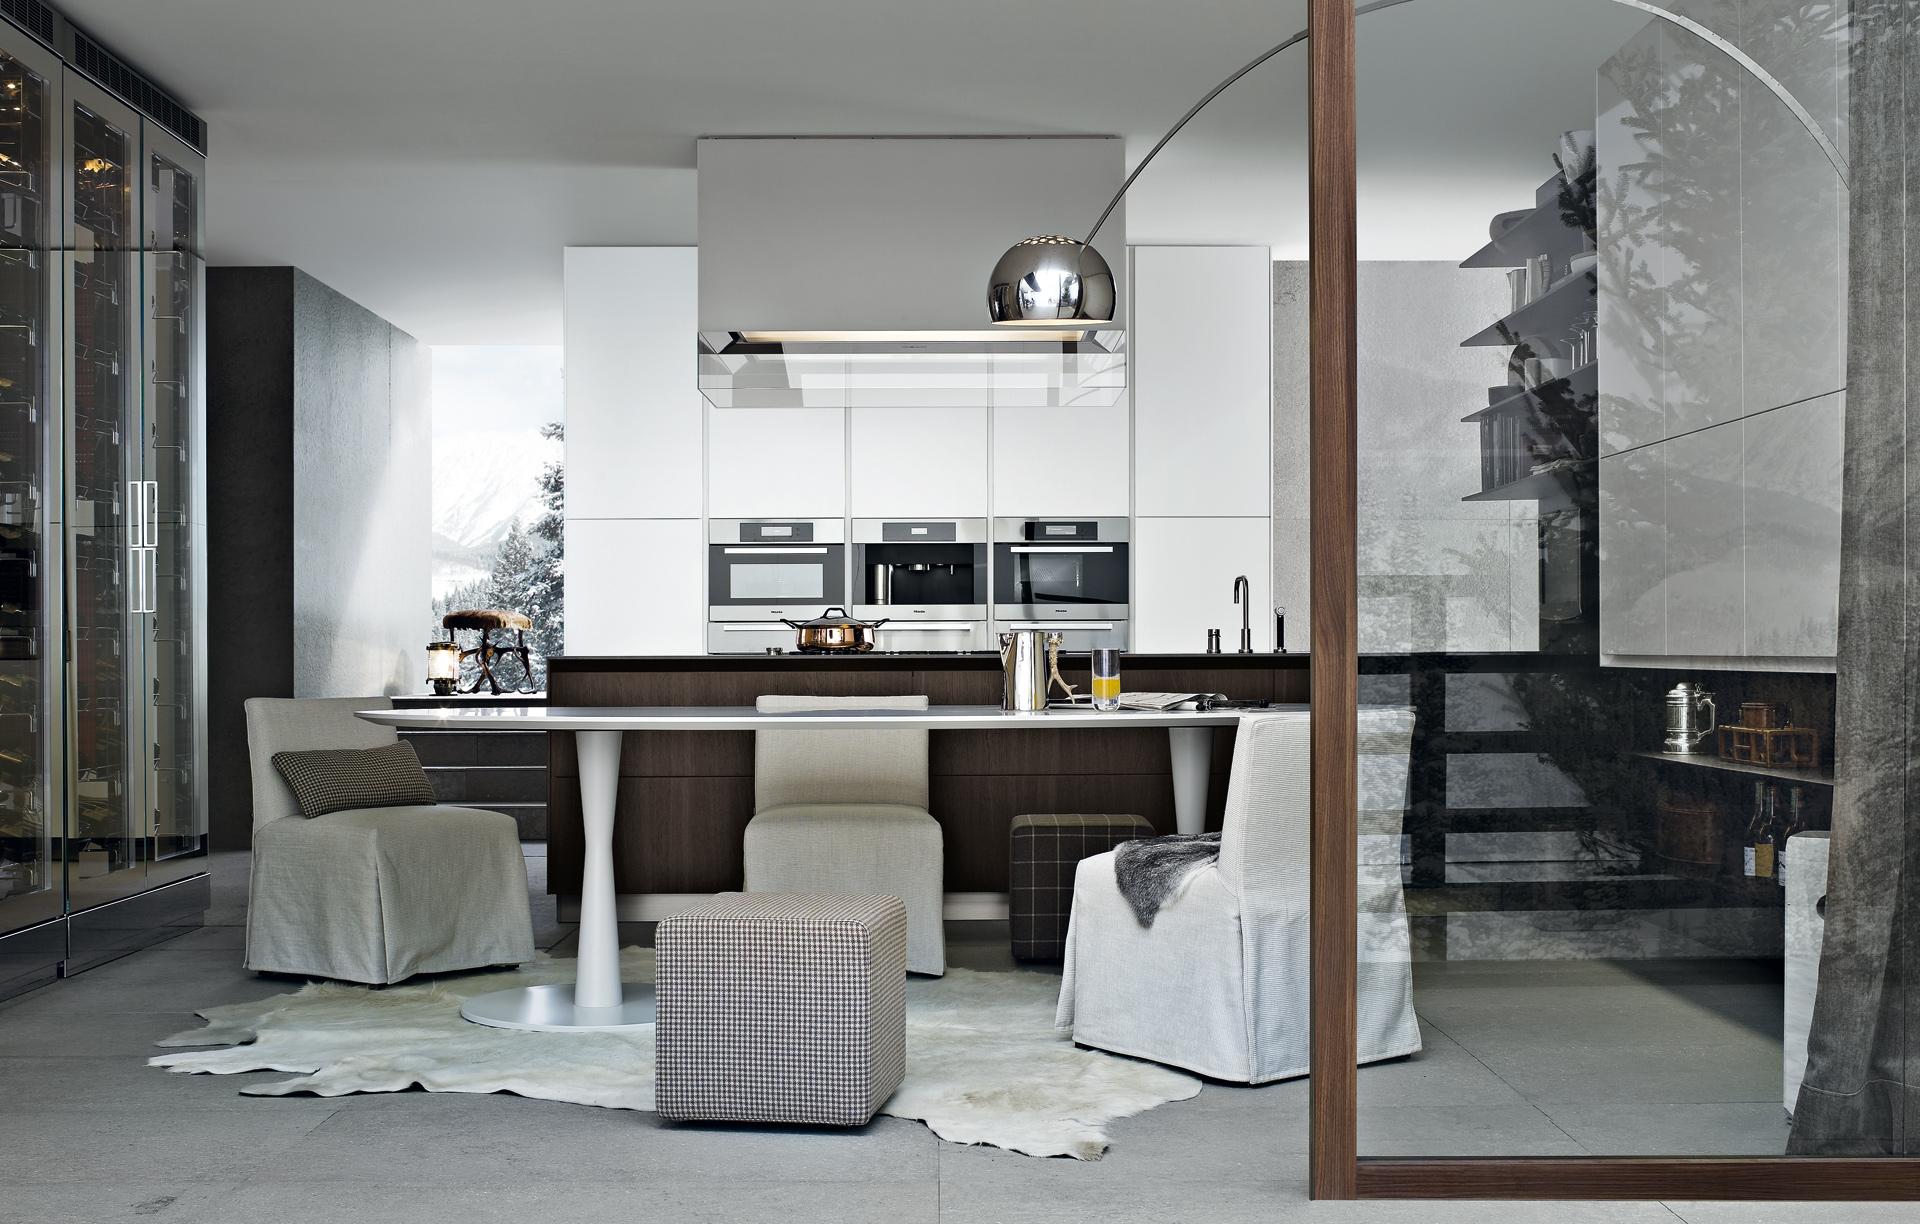 Varenna,интерьер, минимализм, современный интерьер, современная кухня, poliform, кухня, дизайн кухни